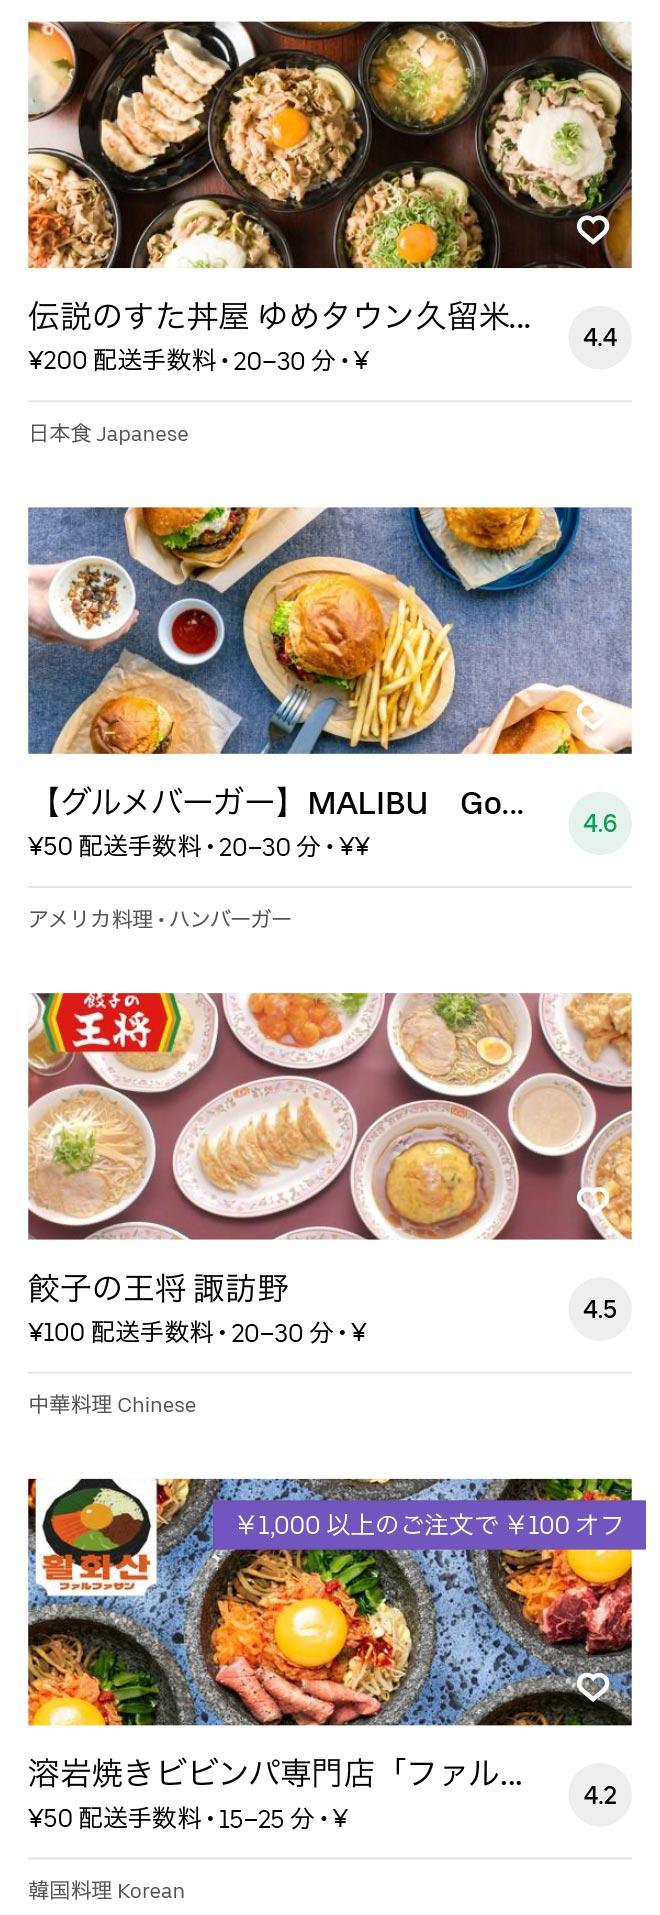 Nishitetsu kurume menu 2008 03